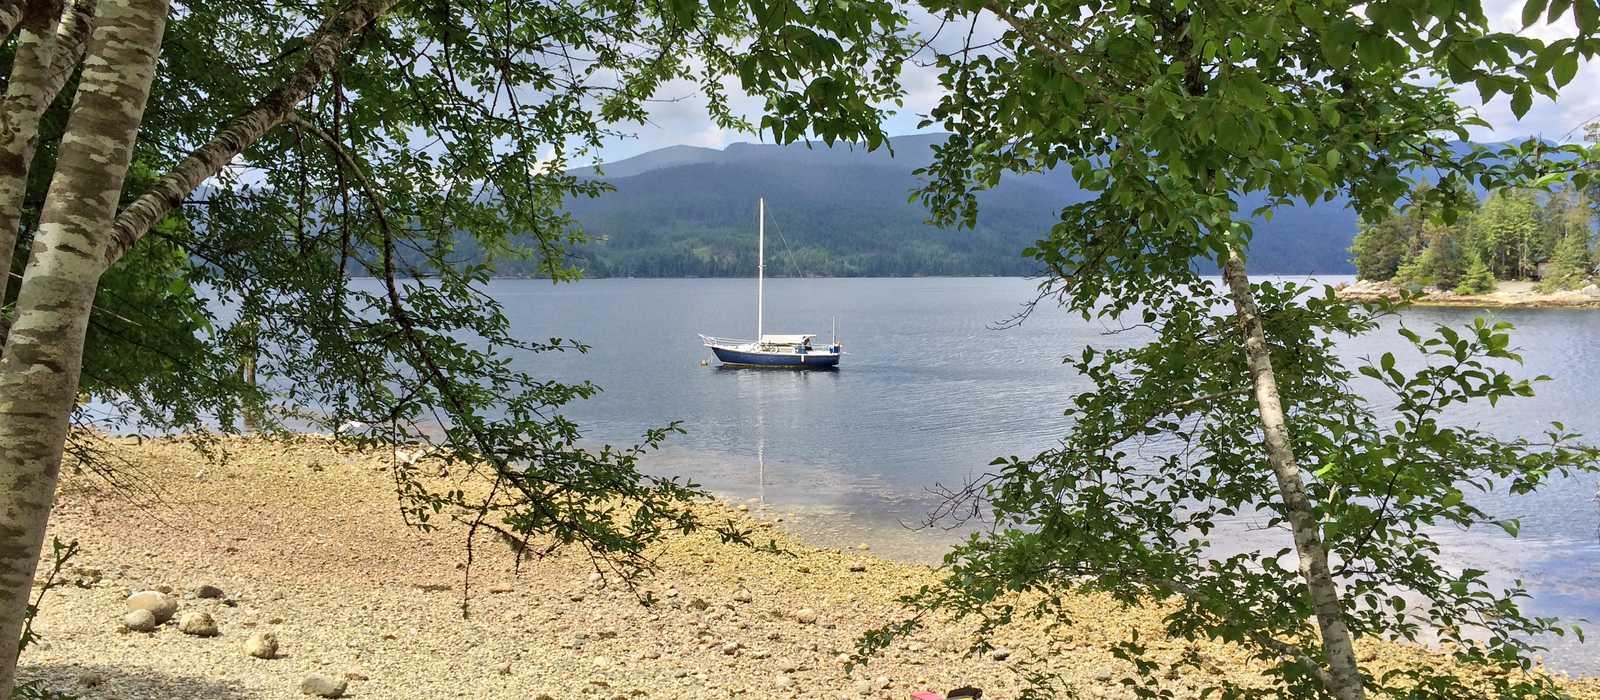 Bucht beim Kayak-Verleih von Pedals & Paddles